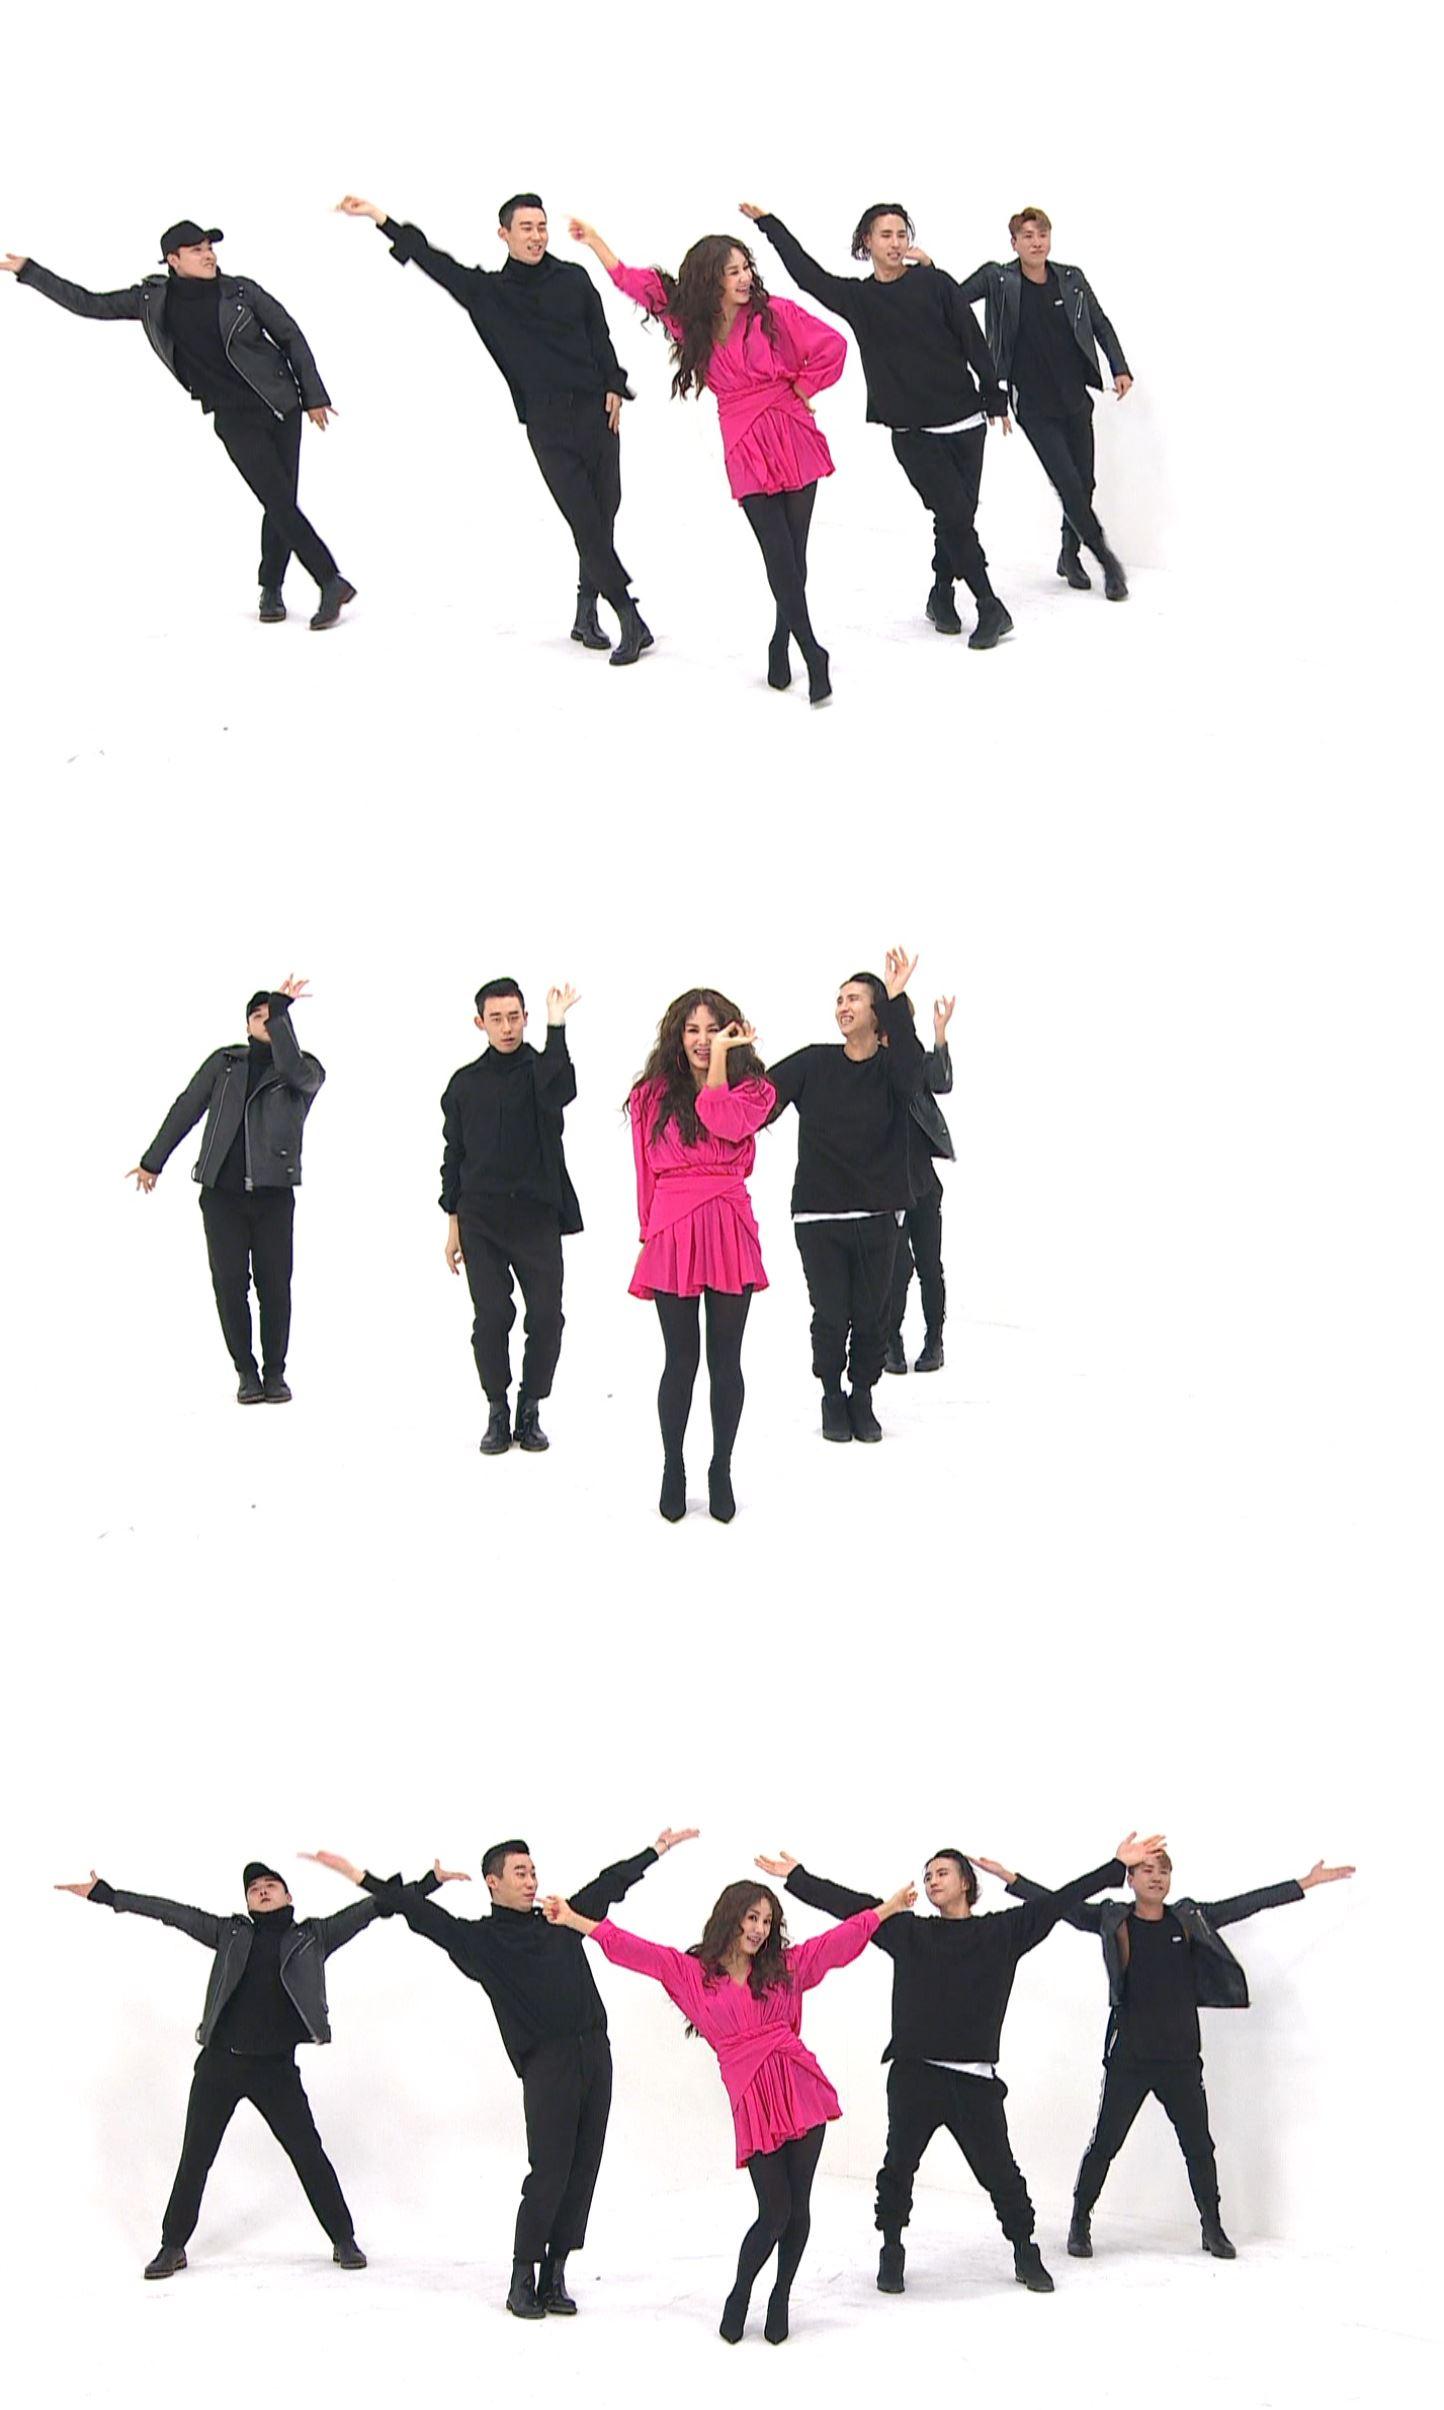 <주간아이돌> 엄정화, '랜덤 플레이 댄스' 도전! 25년간의 히트곡 총망라!